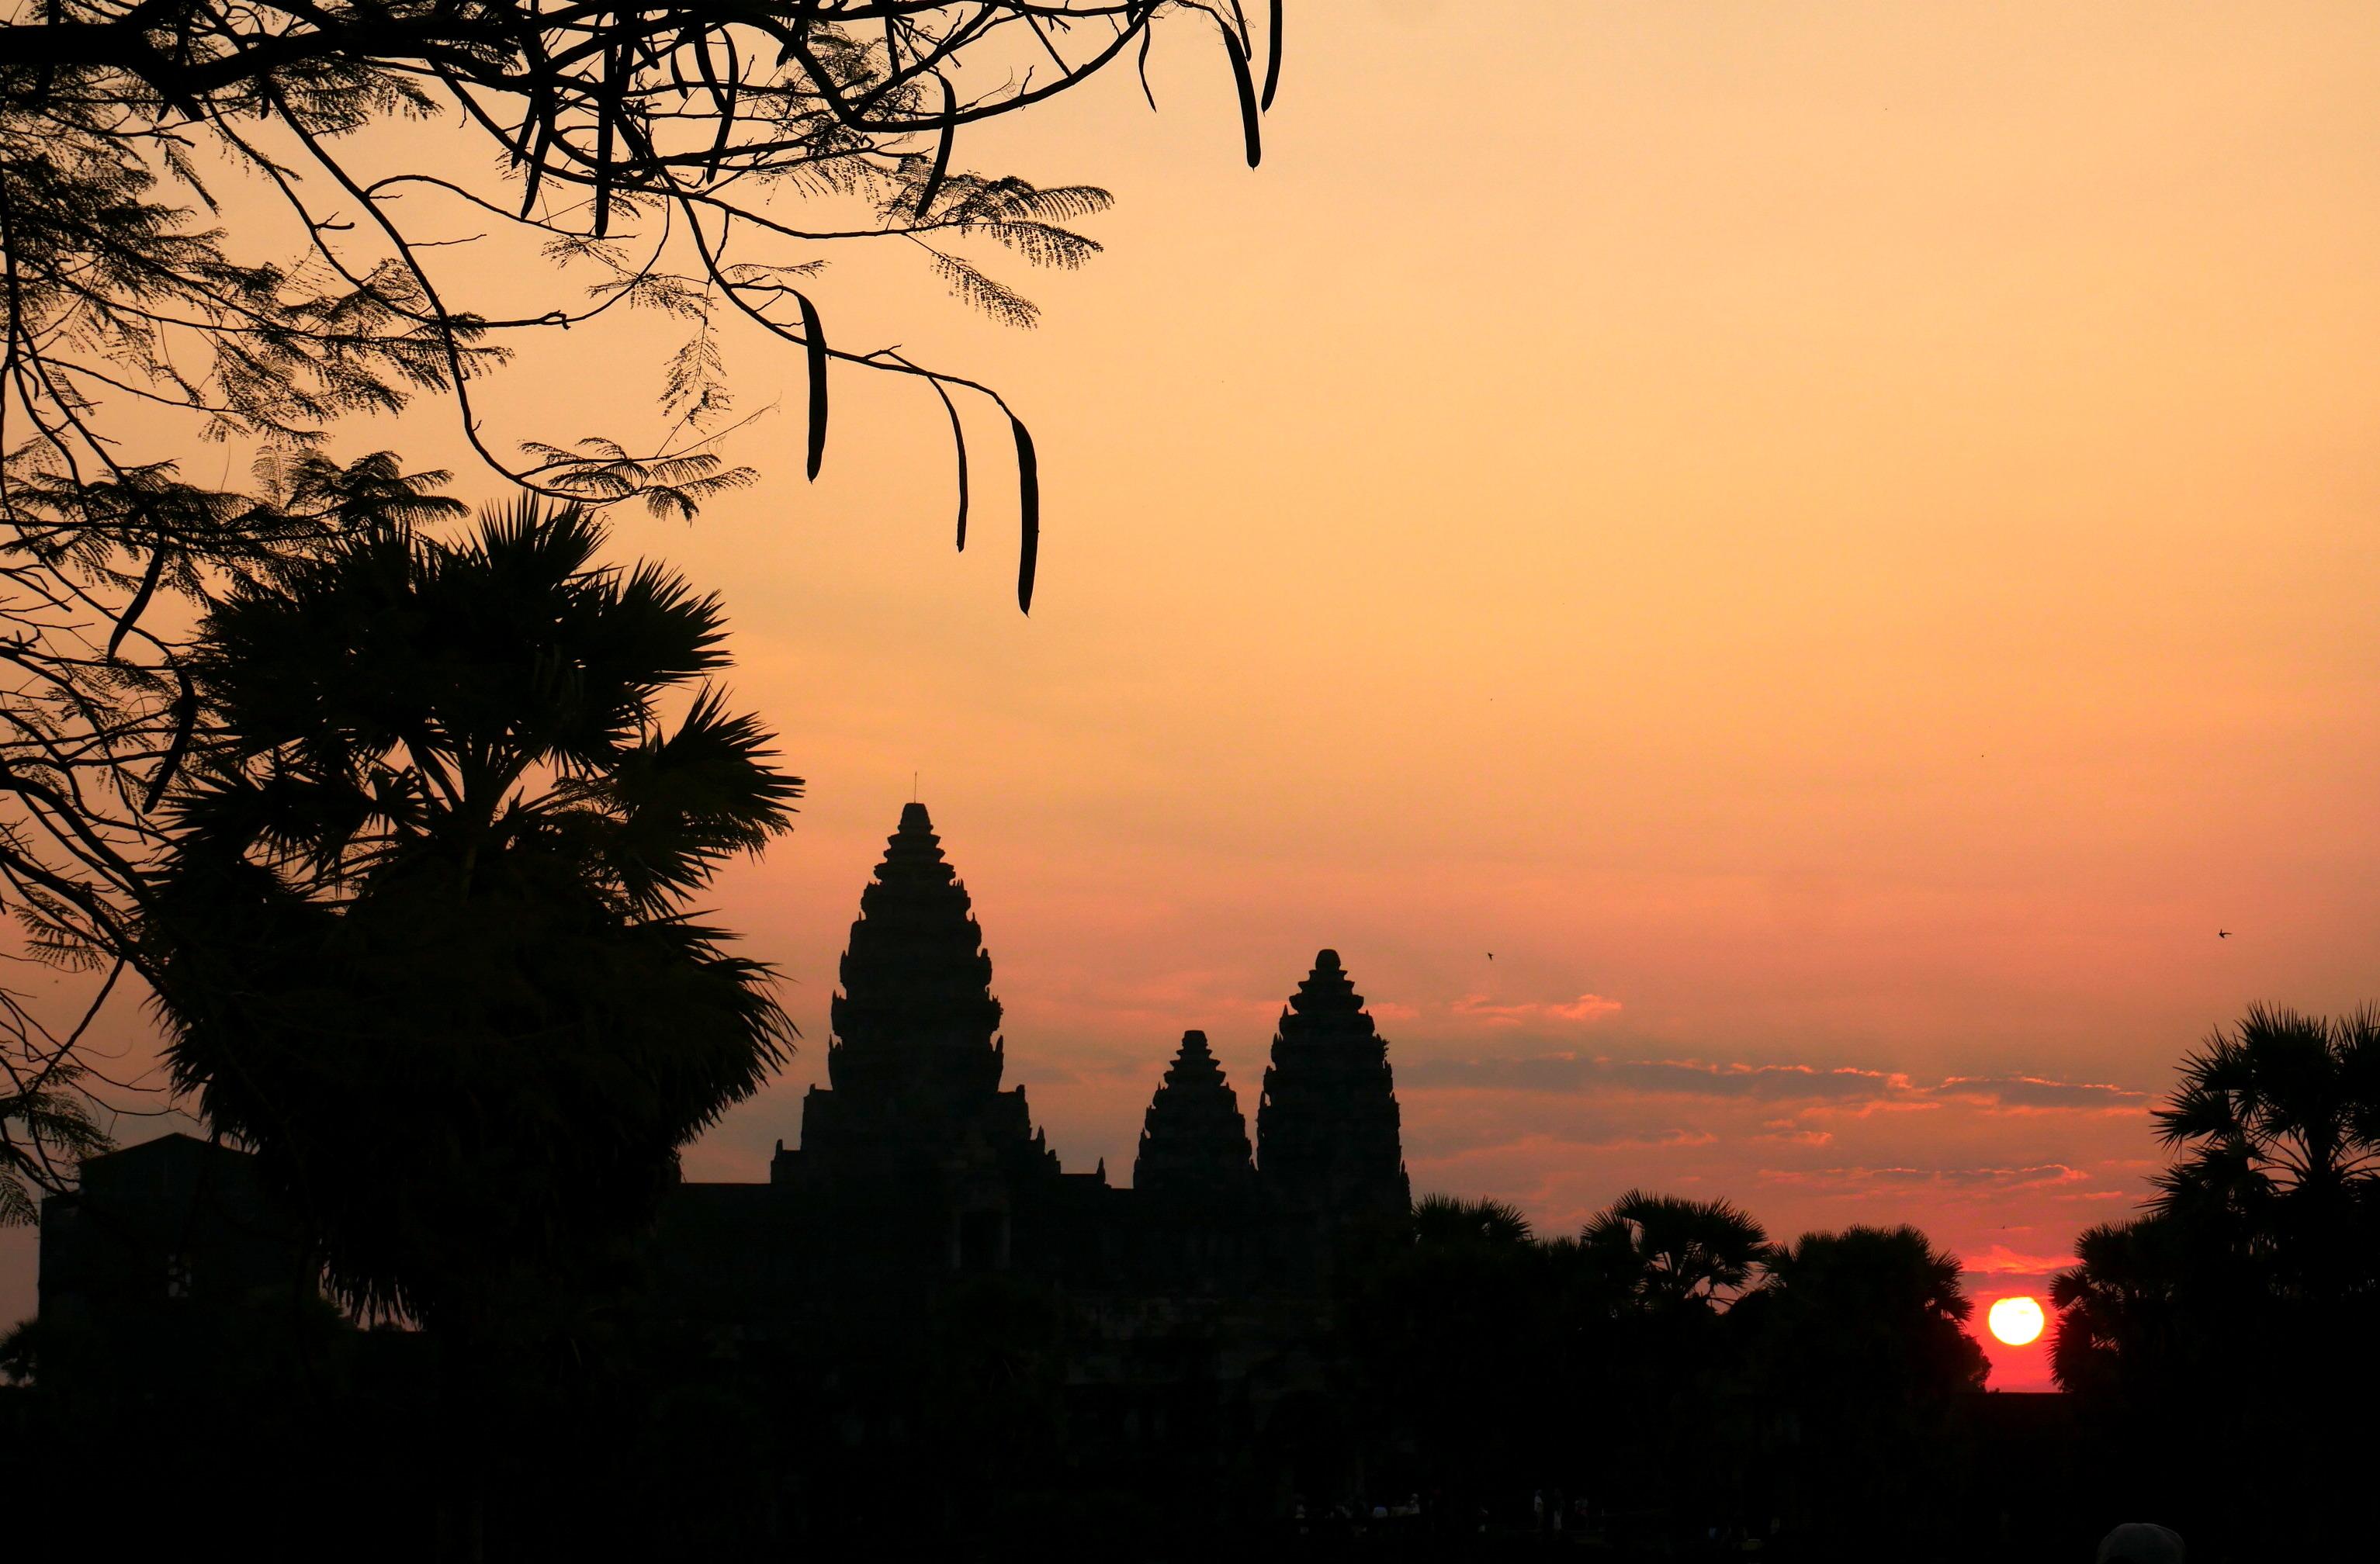 Le temple d'Angkor Wat sur un lever de soleil.